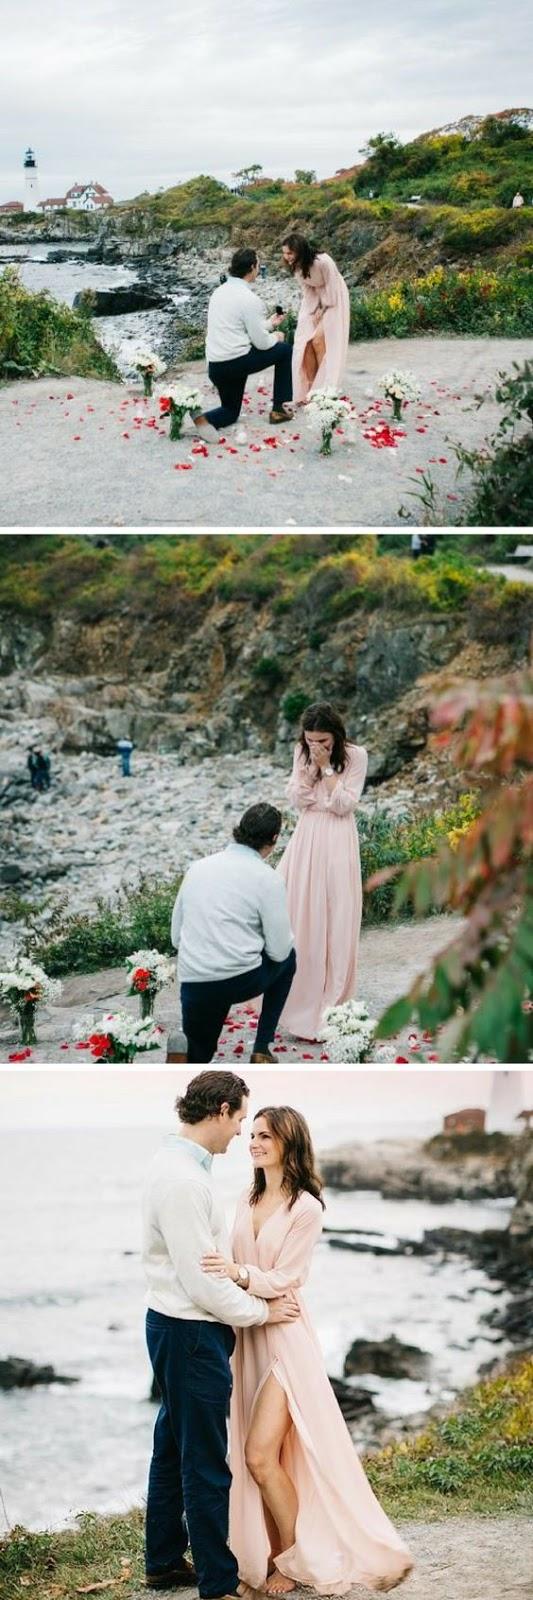 Narzeczona, Nowoczesne zaręczyny, Organizacja zaręczyn, Pierścionek Zaręczynowy, Pomysły na zaręczyny, Romantyczne zaręczyny, Sposób na zaręczyny, Tradycyjne zaręczyny, Wyjdziesz za mnie?